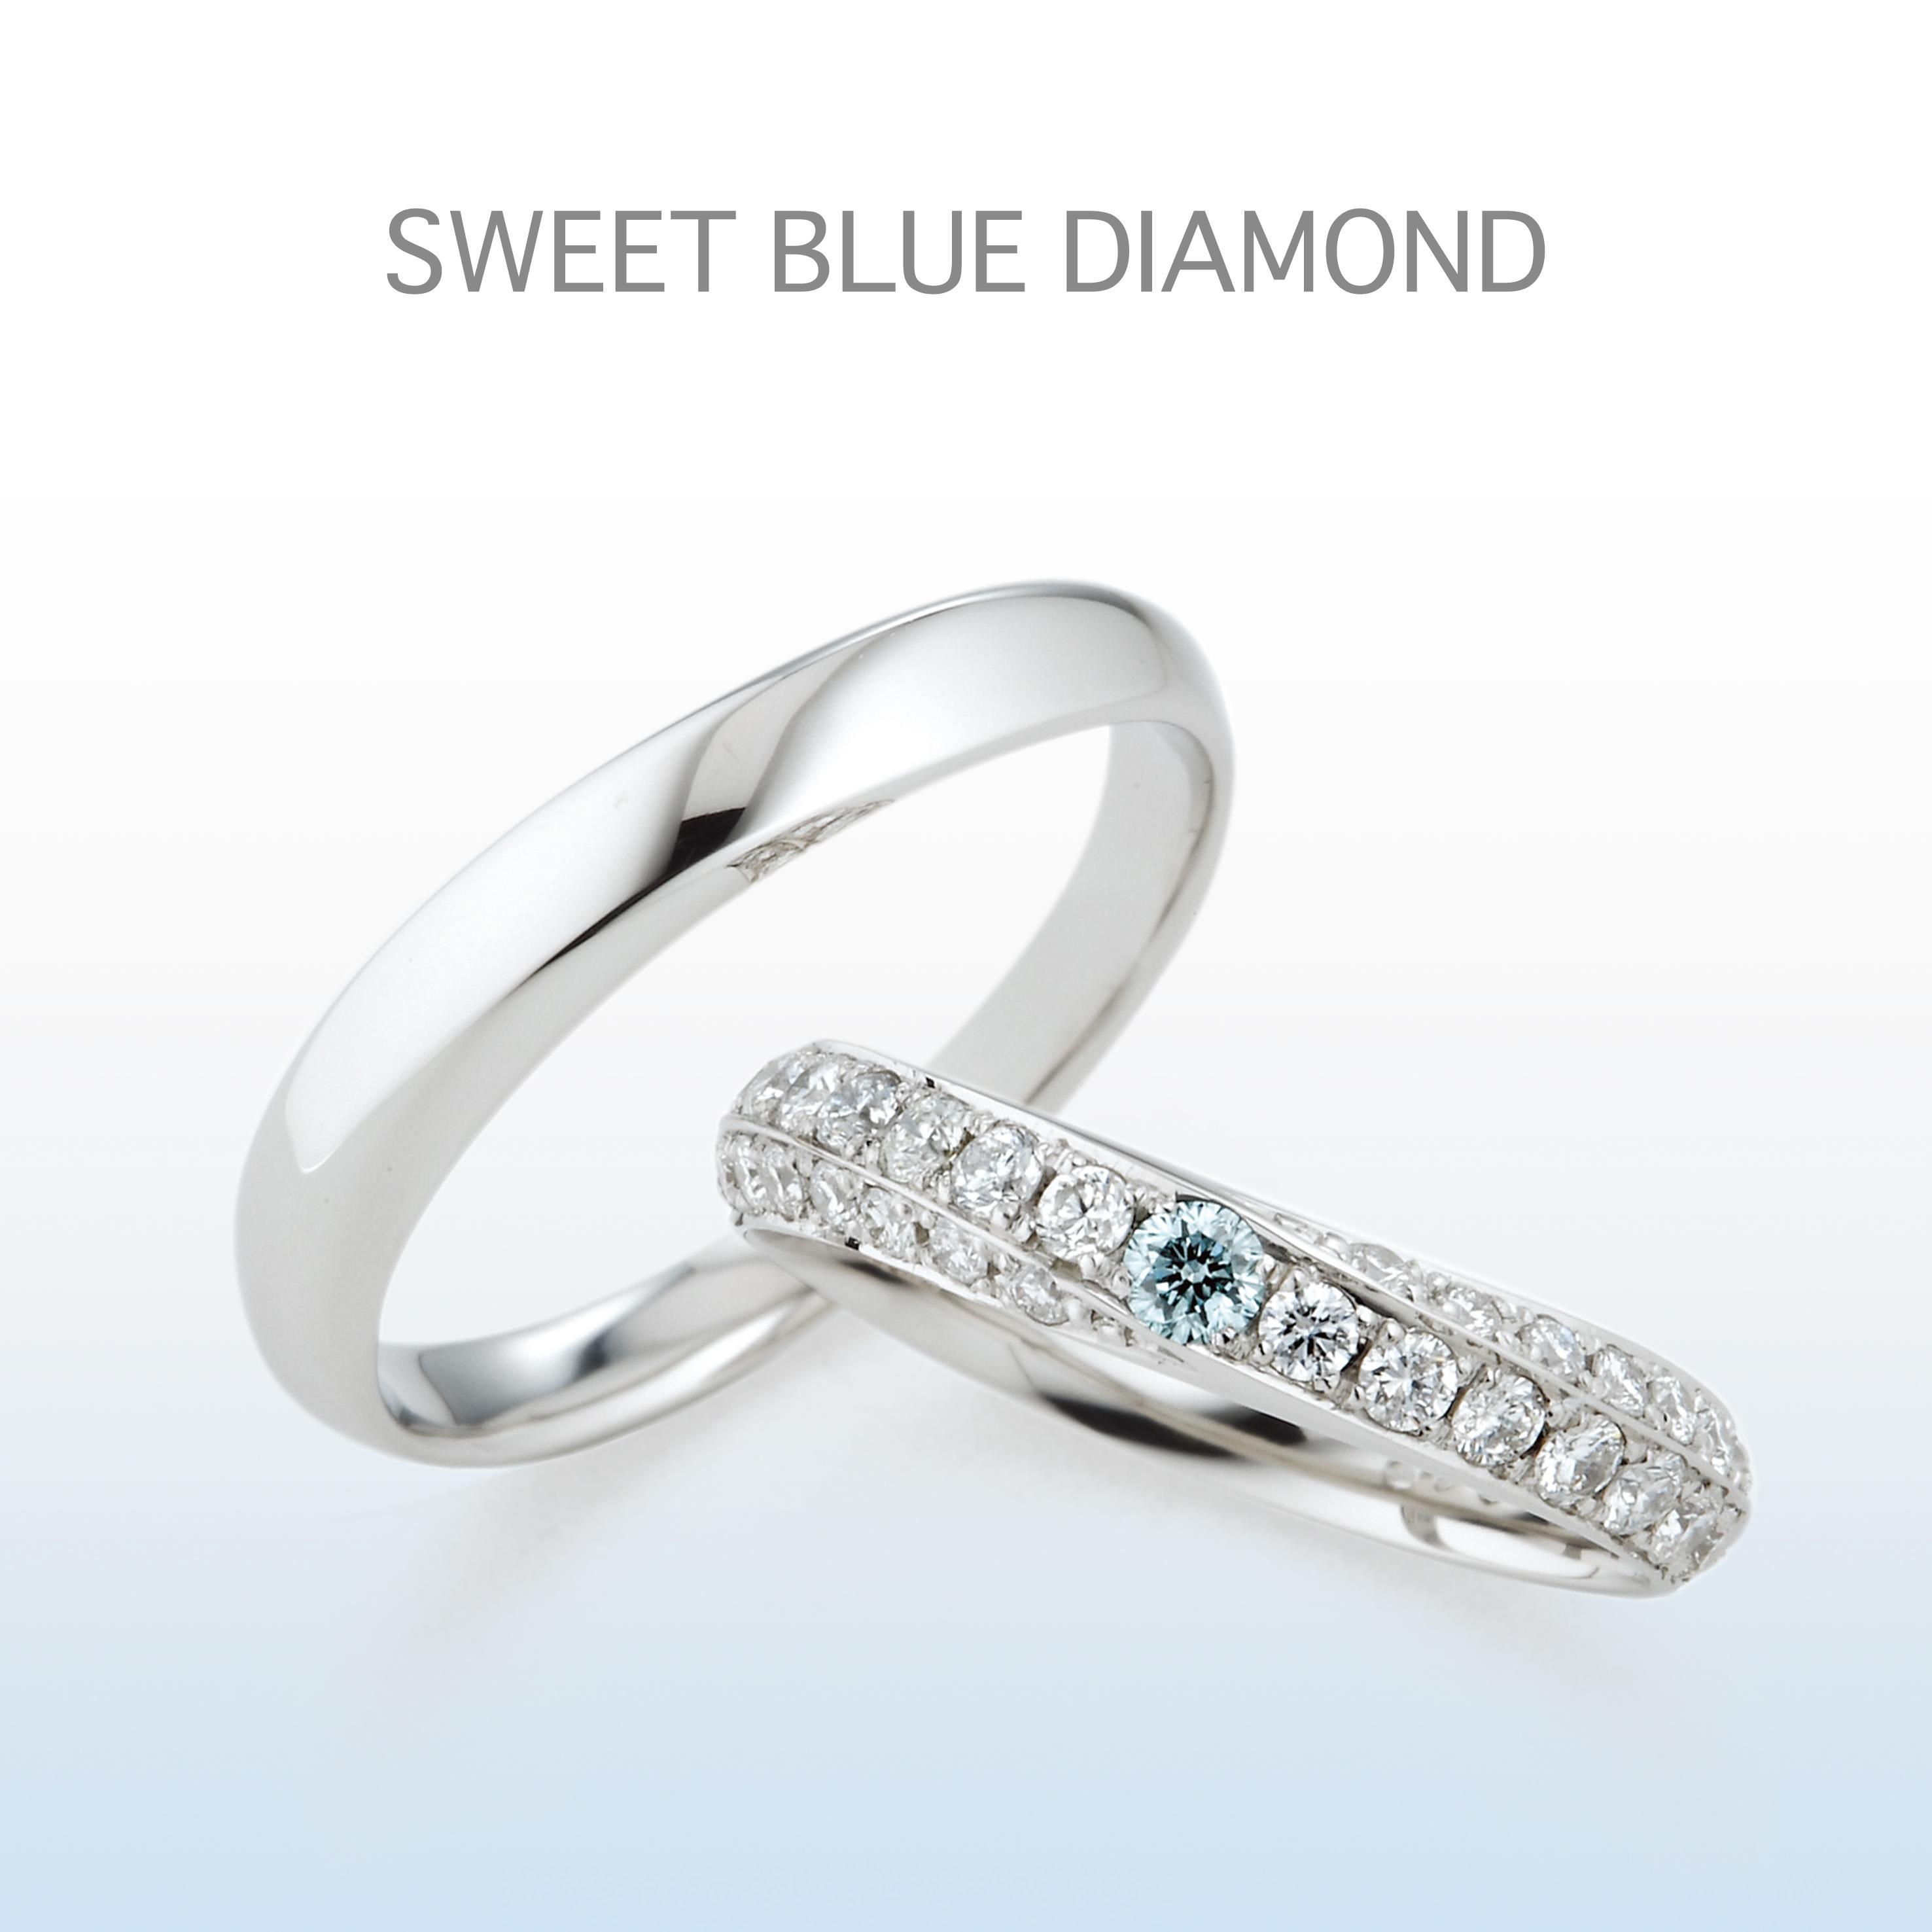 お指全体でダイヤモンドを楽しめるパヴェセッティングのマリッジリング。